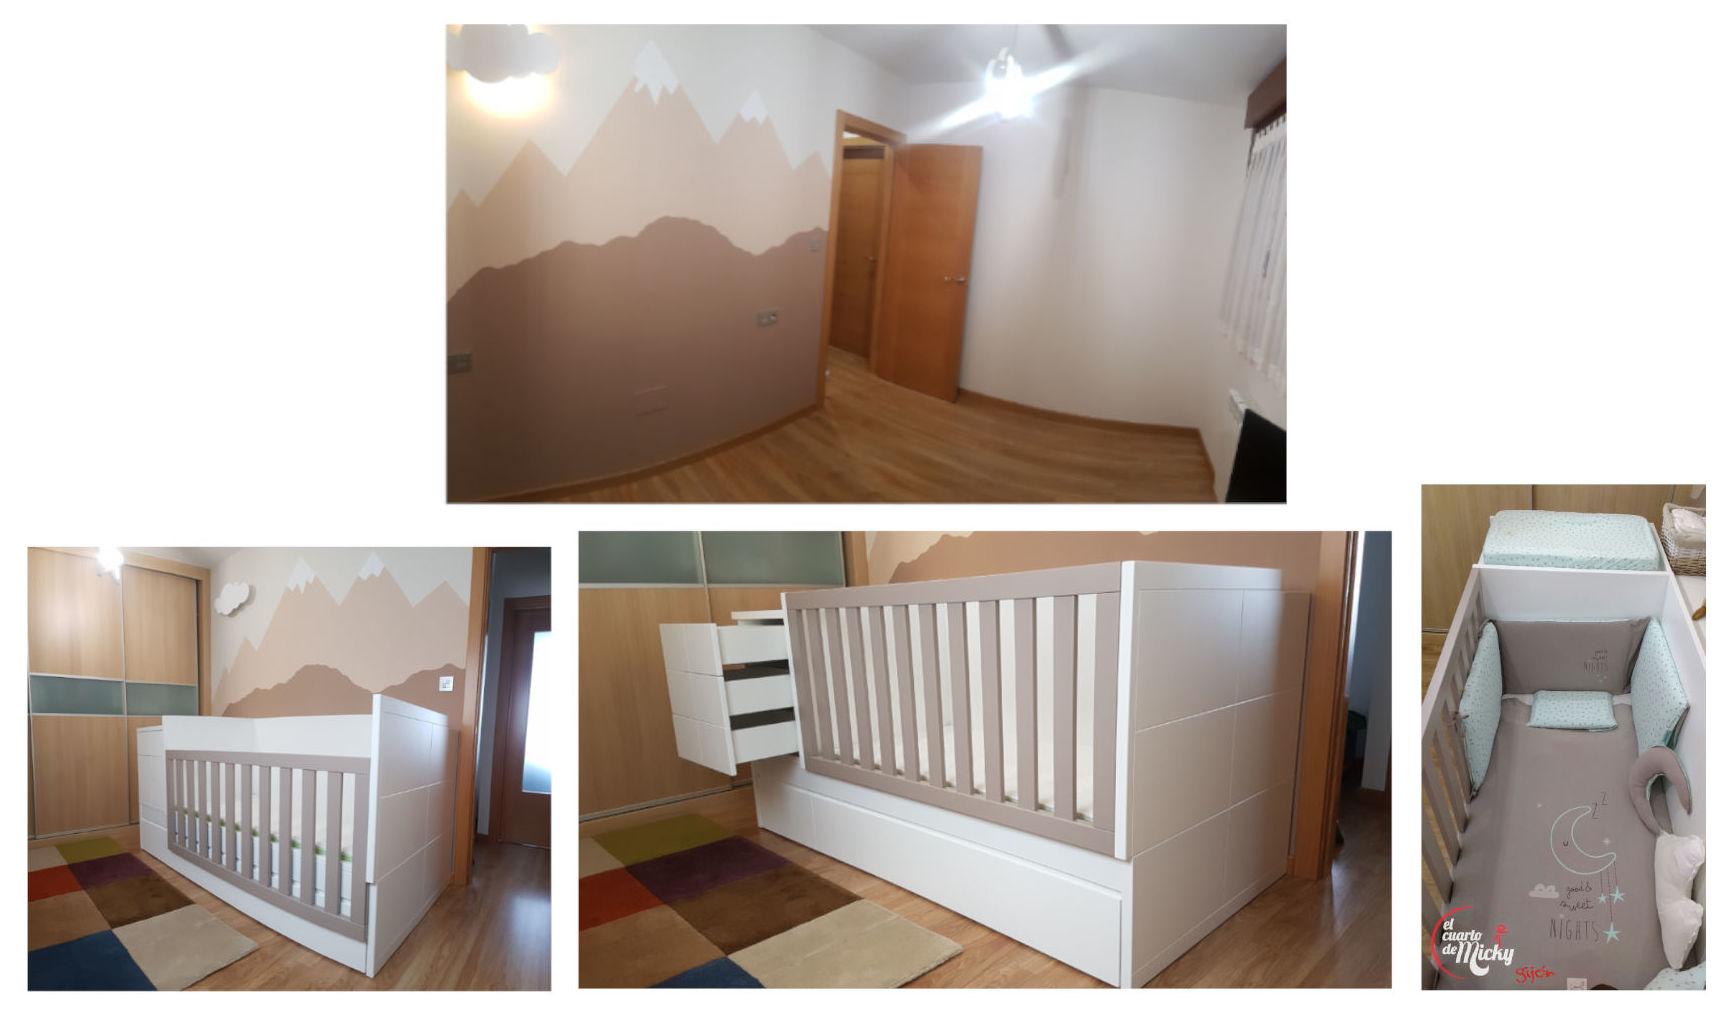 Foto 3 de Muebles y habitaciones infantiles en Gijón | El Cuarto de Micky